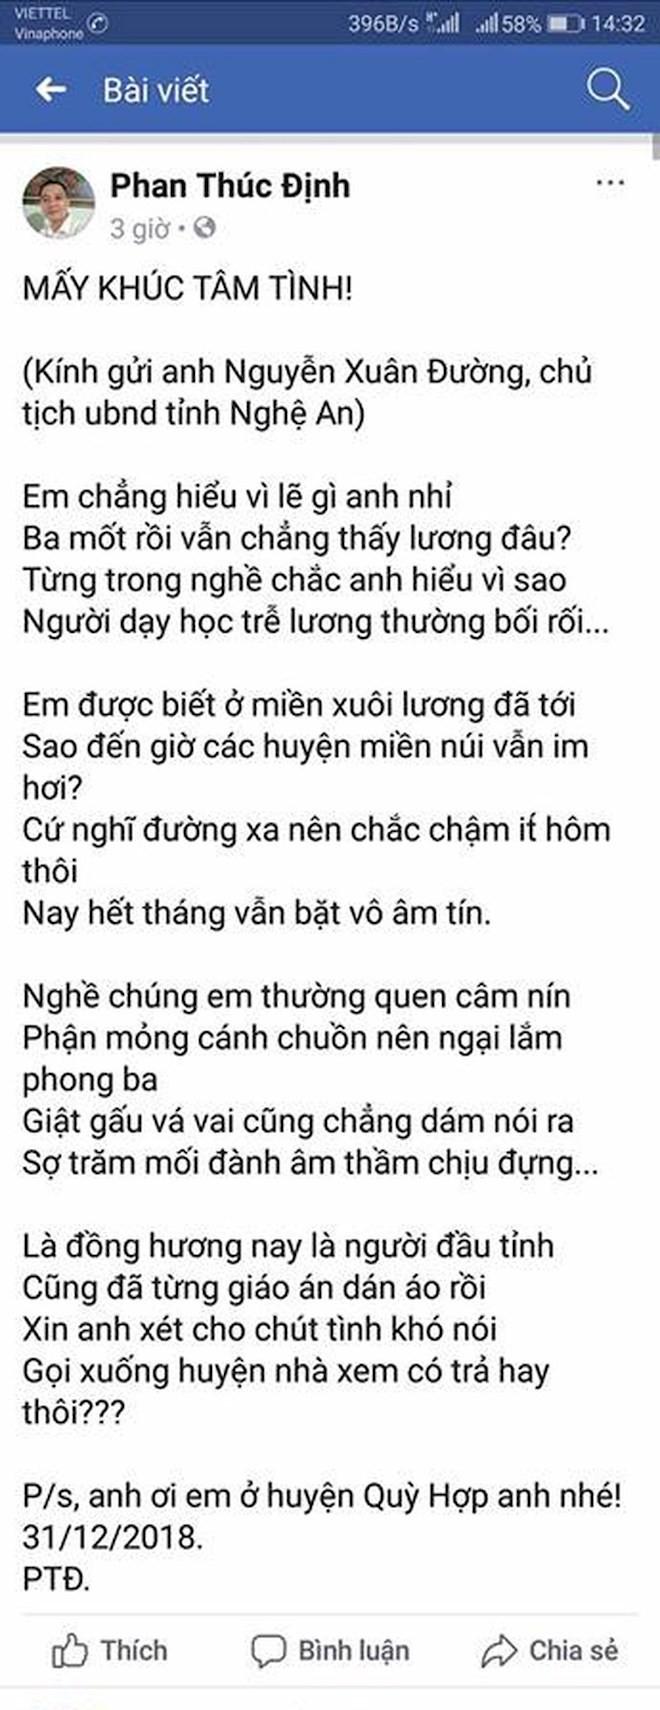 Thầy giáo từng làm thơ gửi chủ tịch tỉnh tiếp tục làm thơ về thưởng tết gây xôn xao - Ảnh 2.